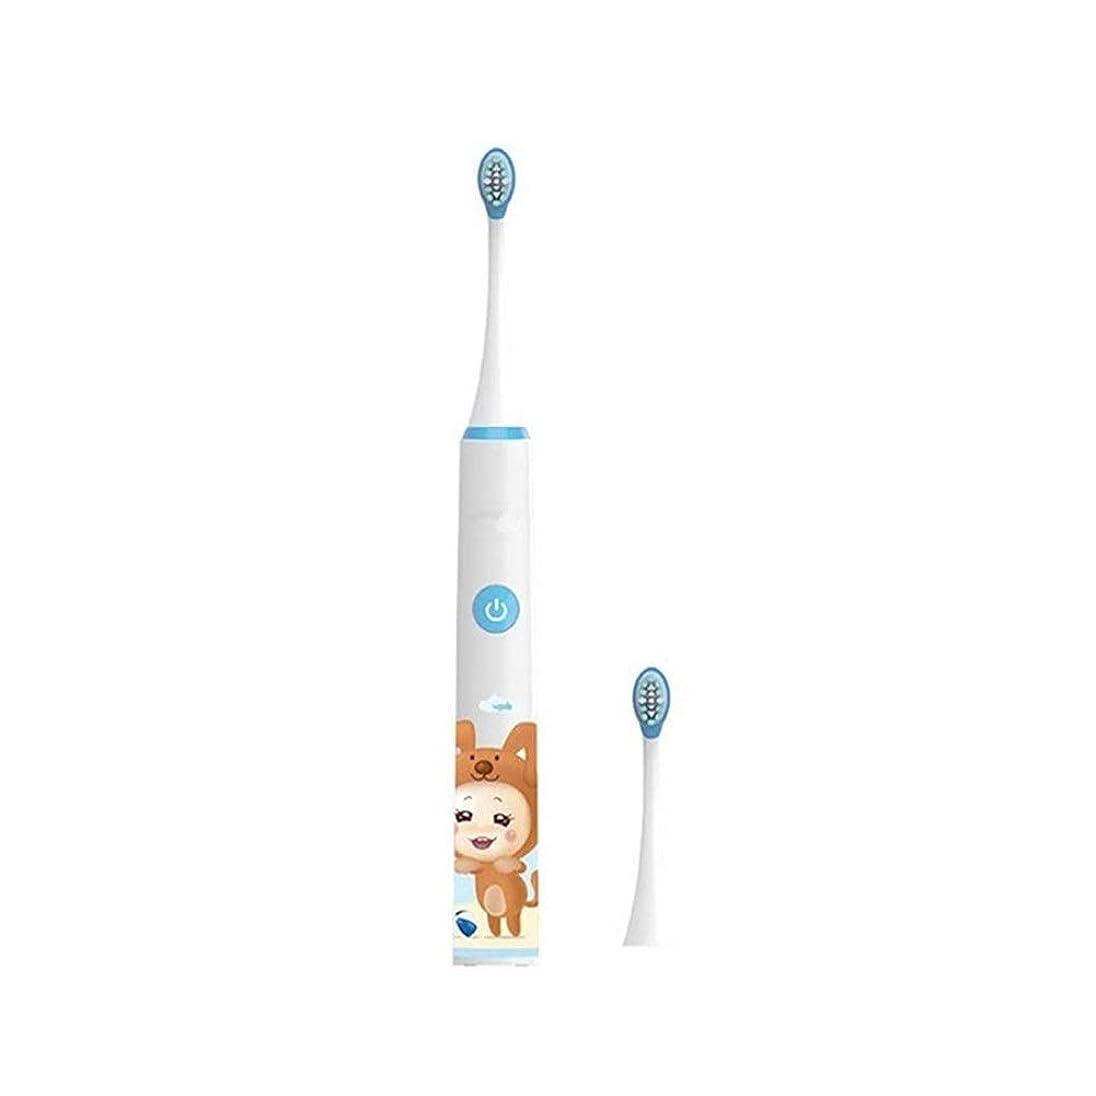 意味するマットジャンク電気音波振動歯ブラシ キッズセーフティ防水子供ソニックトゥースブラシで2個エクストラソフト毛SK2のための電動歯ブラシ 防水自動タイマー機能ブラック